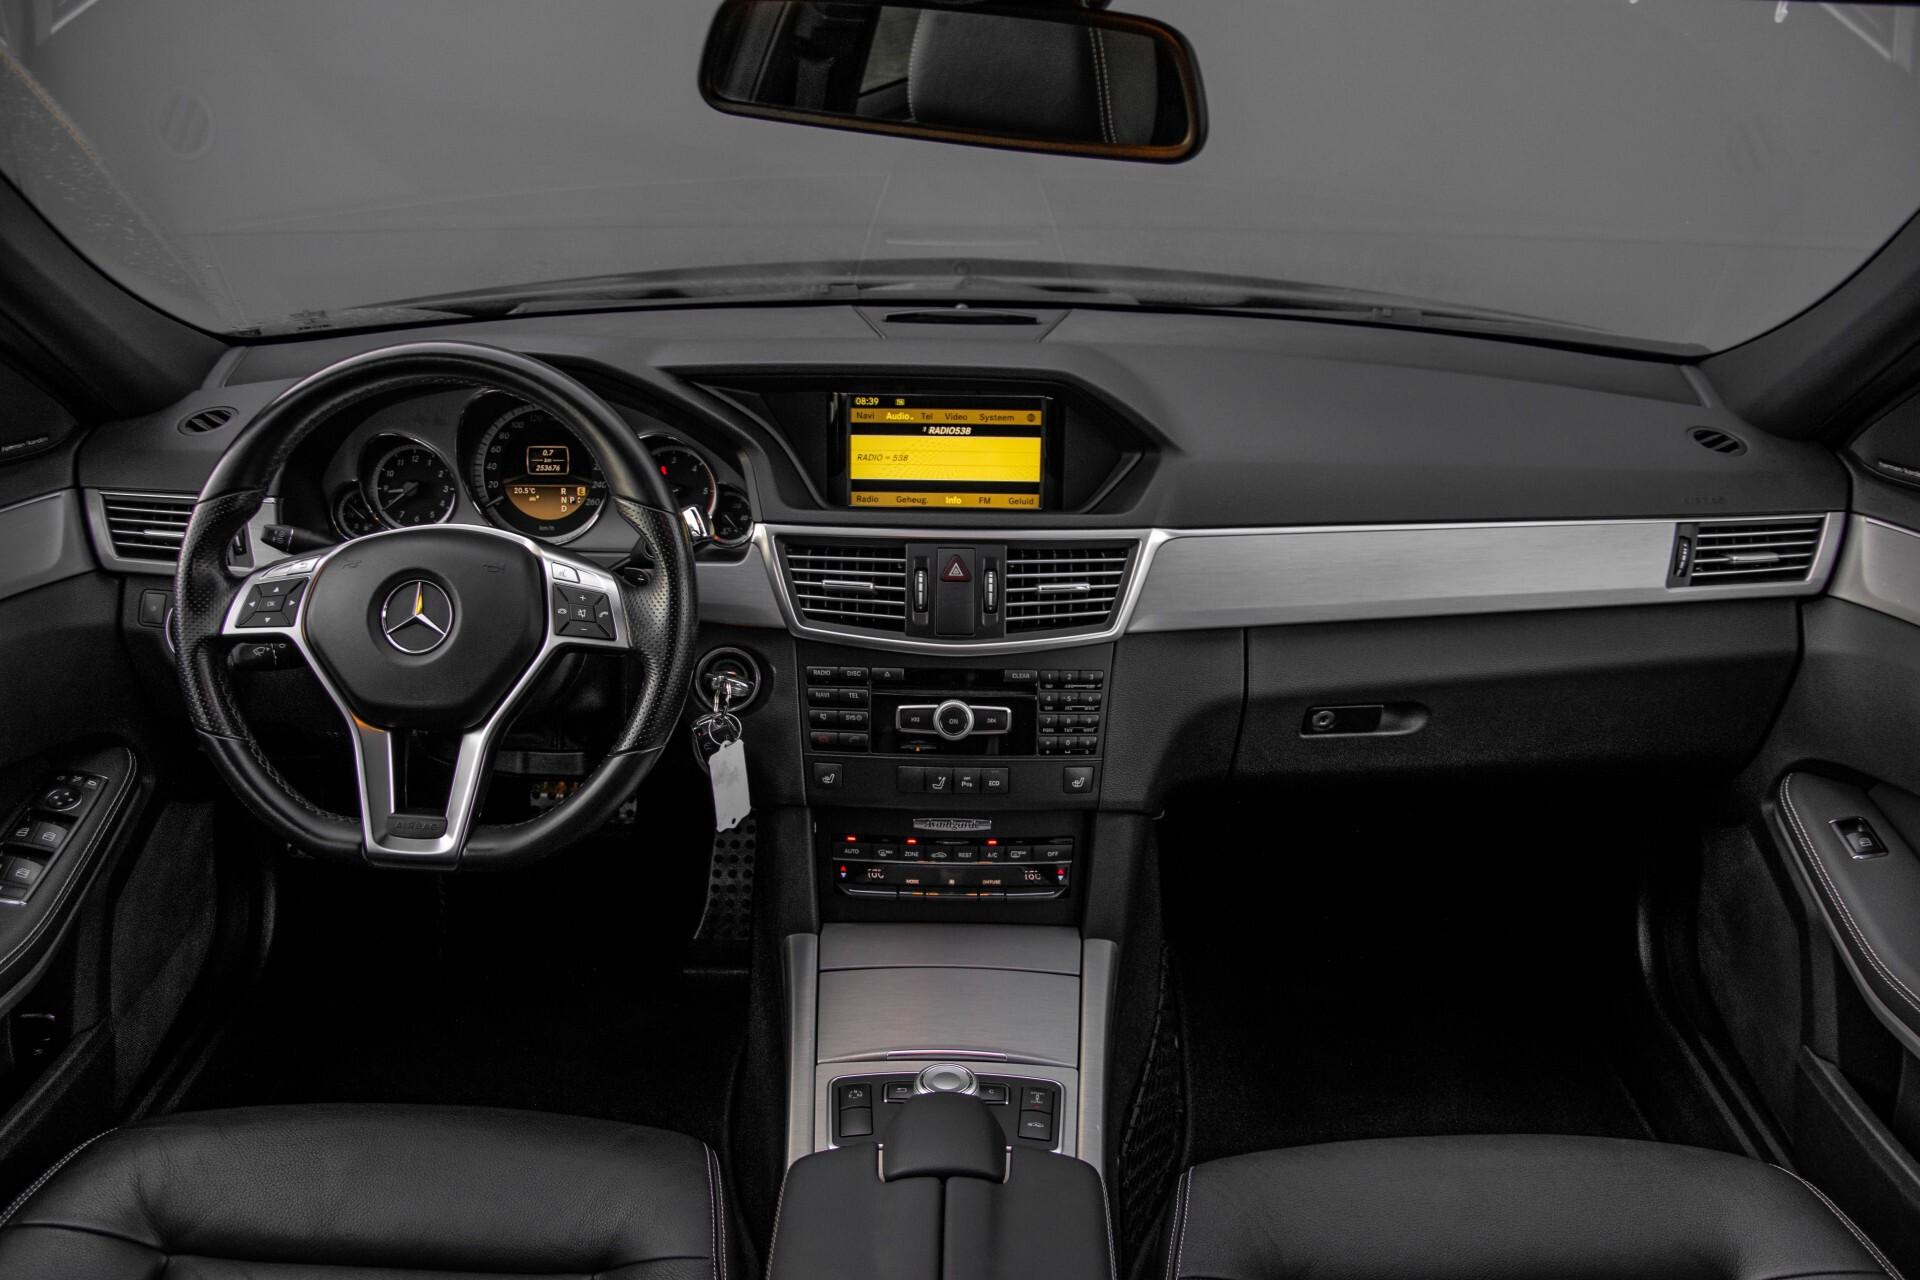 Mercedes-Benz E-Klasse Estate 350 Cdi AMG Luchtvering/Schuifdak/Comand/Harman Kardon/ILS Aut7 Foto 7